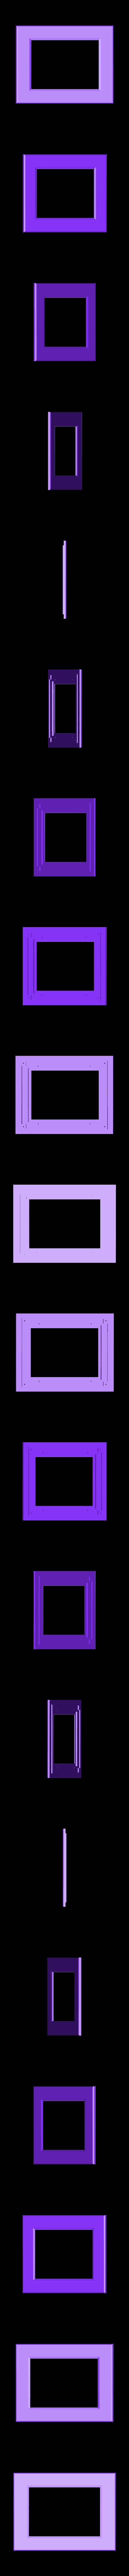 facade vide.stl Télécharger fichier STL cadre photo pour lithophanie avec insert à piles • Plan pour impression 3D, fabricewou